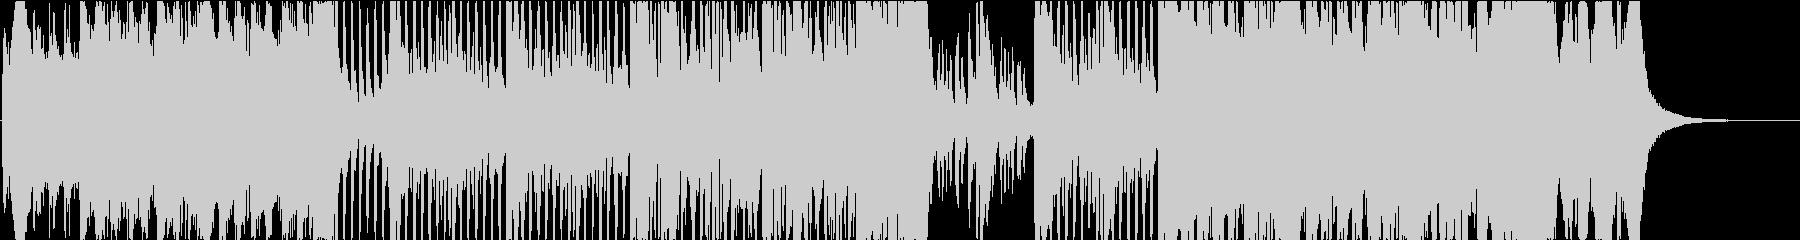 オーケストラ・アップリフティング1の未再生の波形